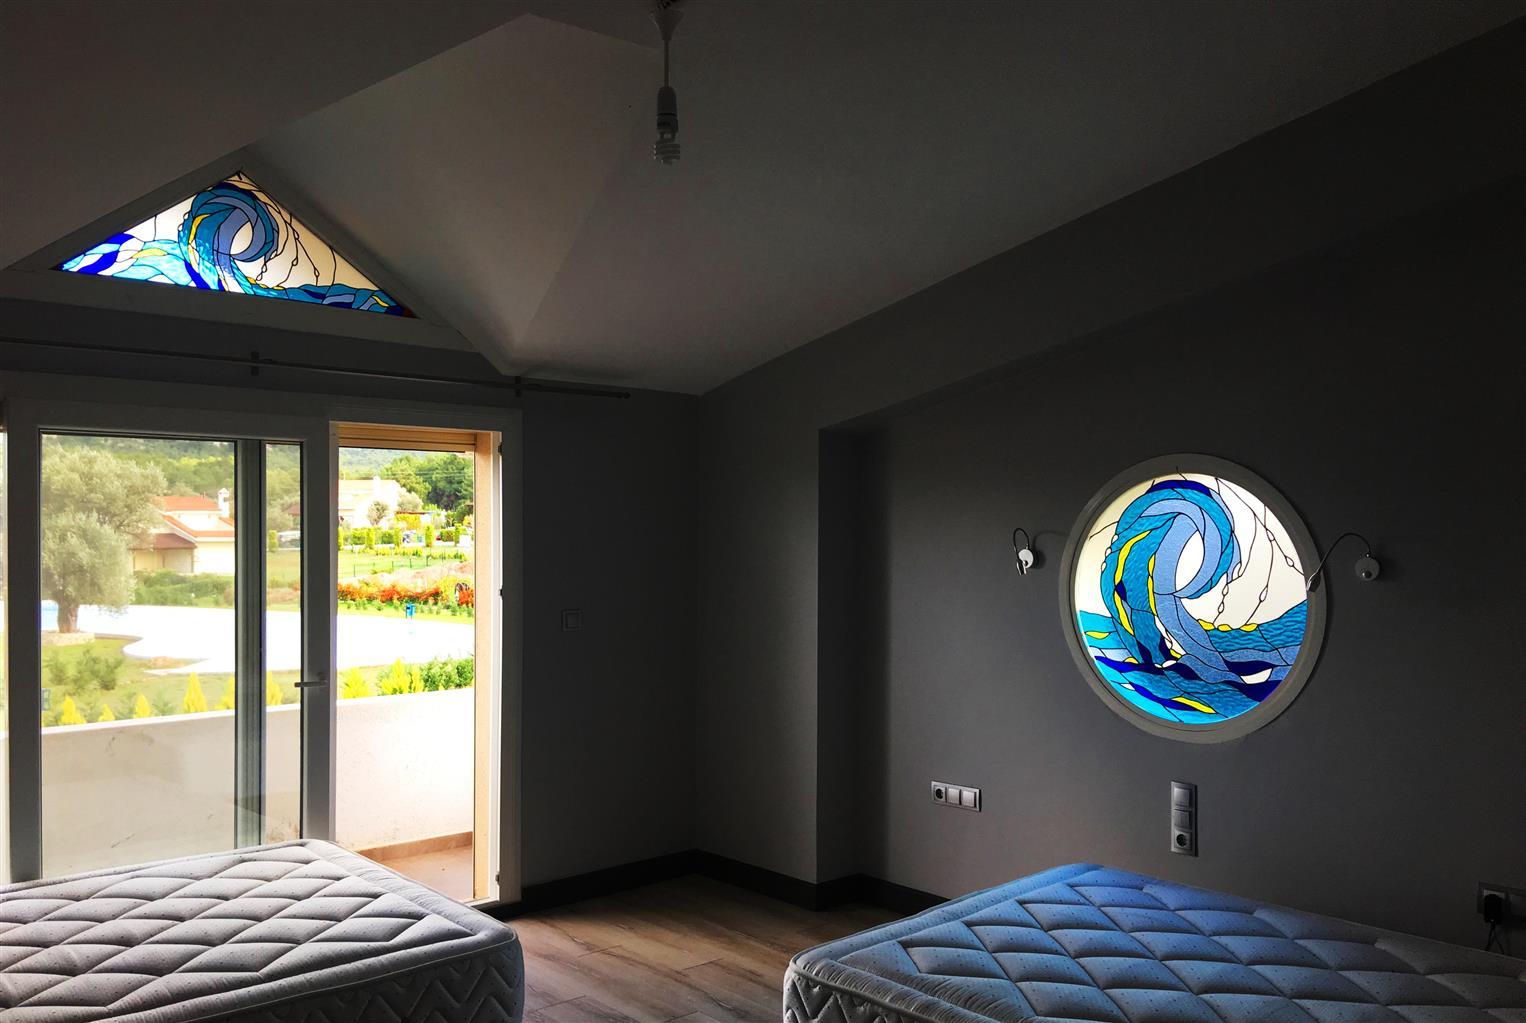 yuvarlak-pencere-vitraylari-urla20171221194015520.jpg izmir vitray çalışması